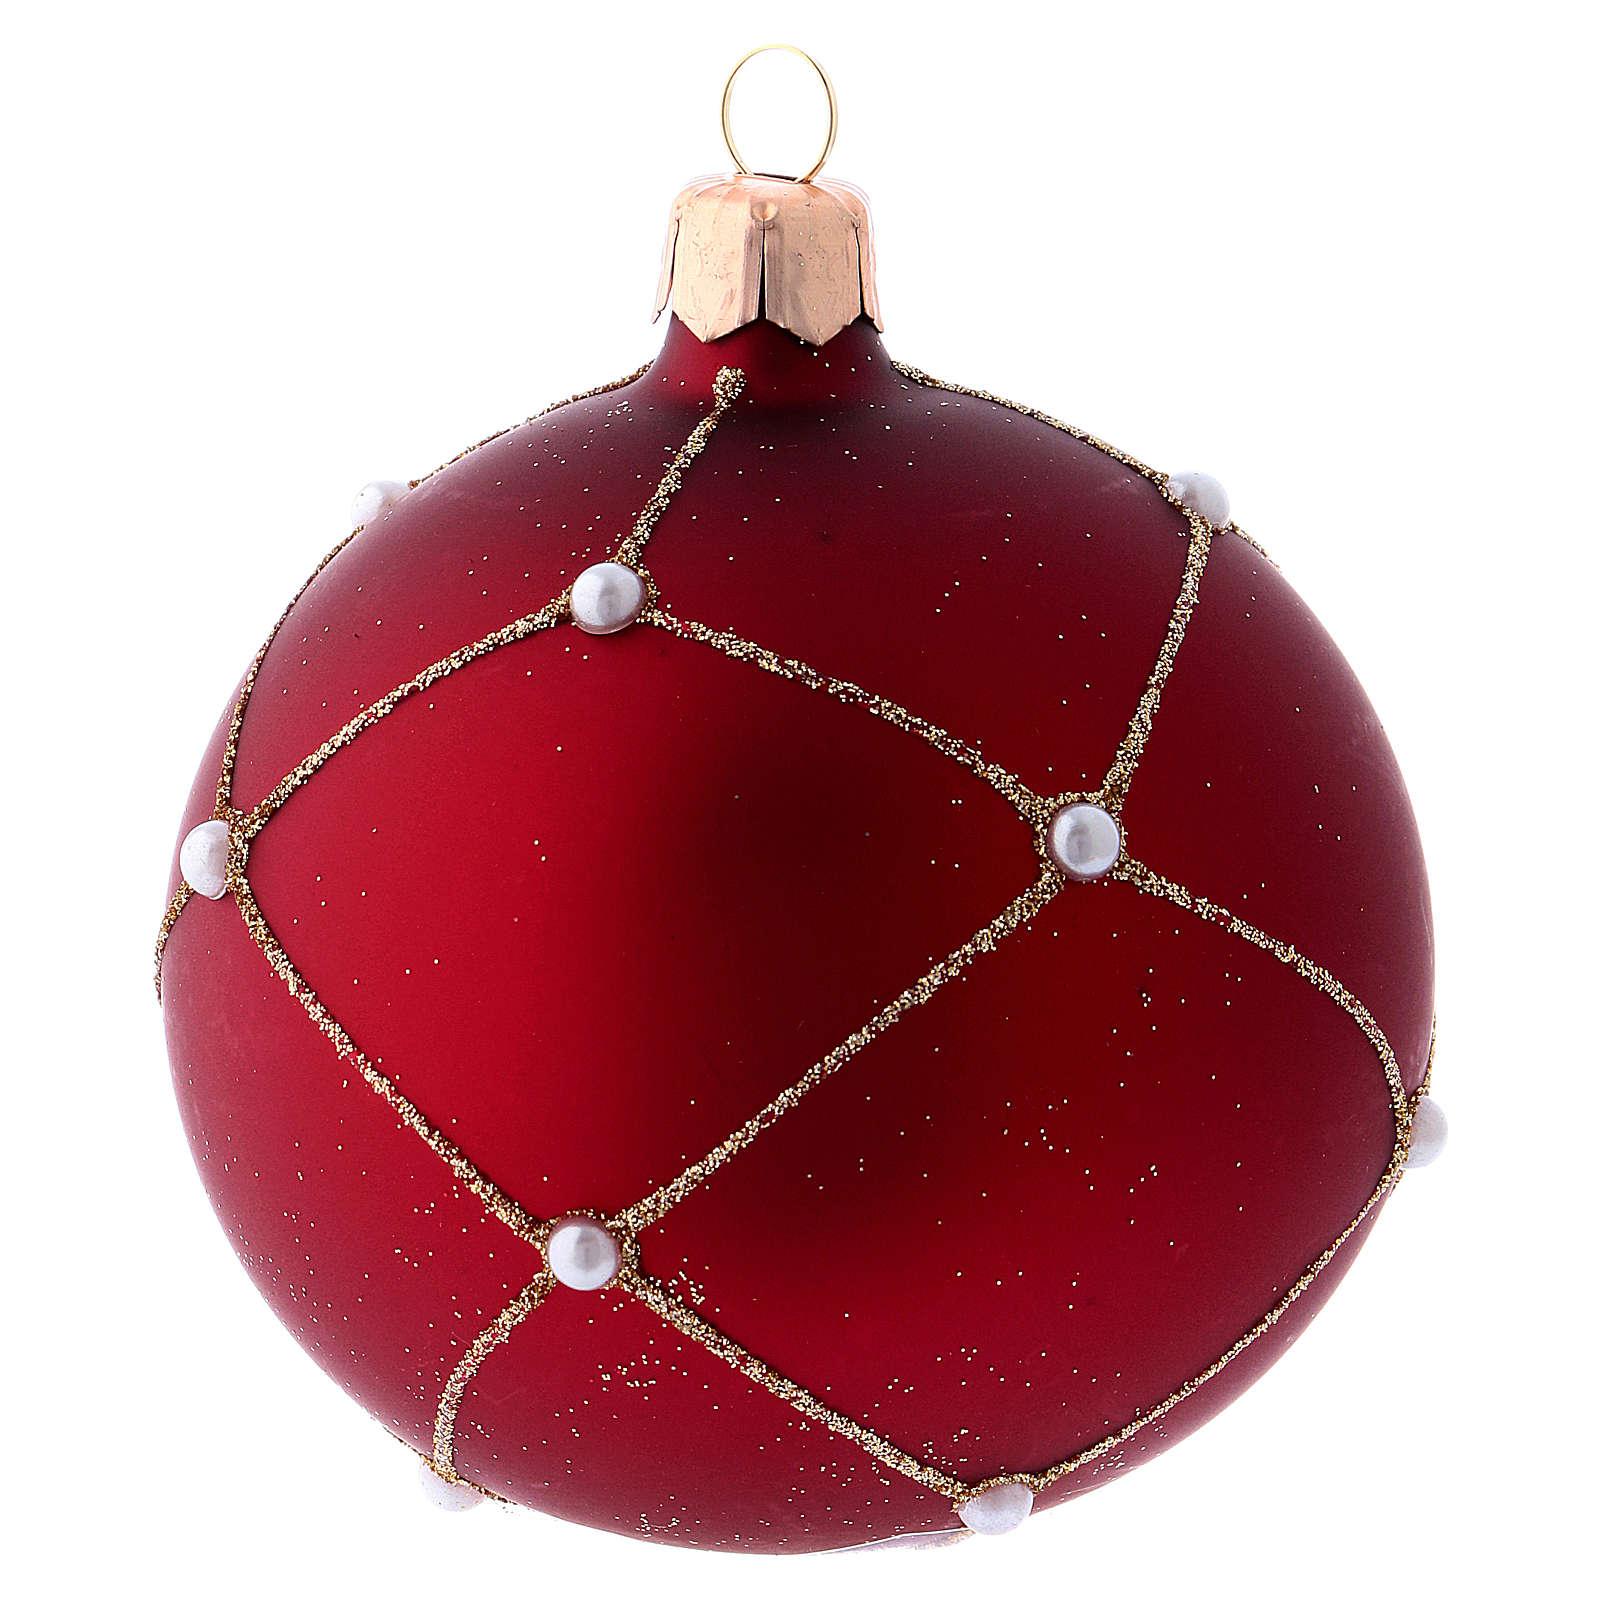 Adorno de Natal bola vidro vermelho pedras 80 mm 4